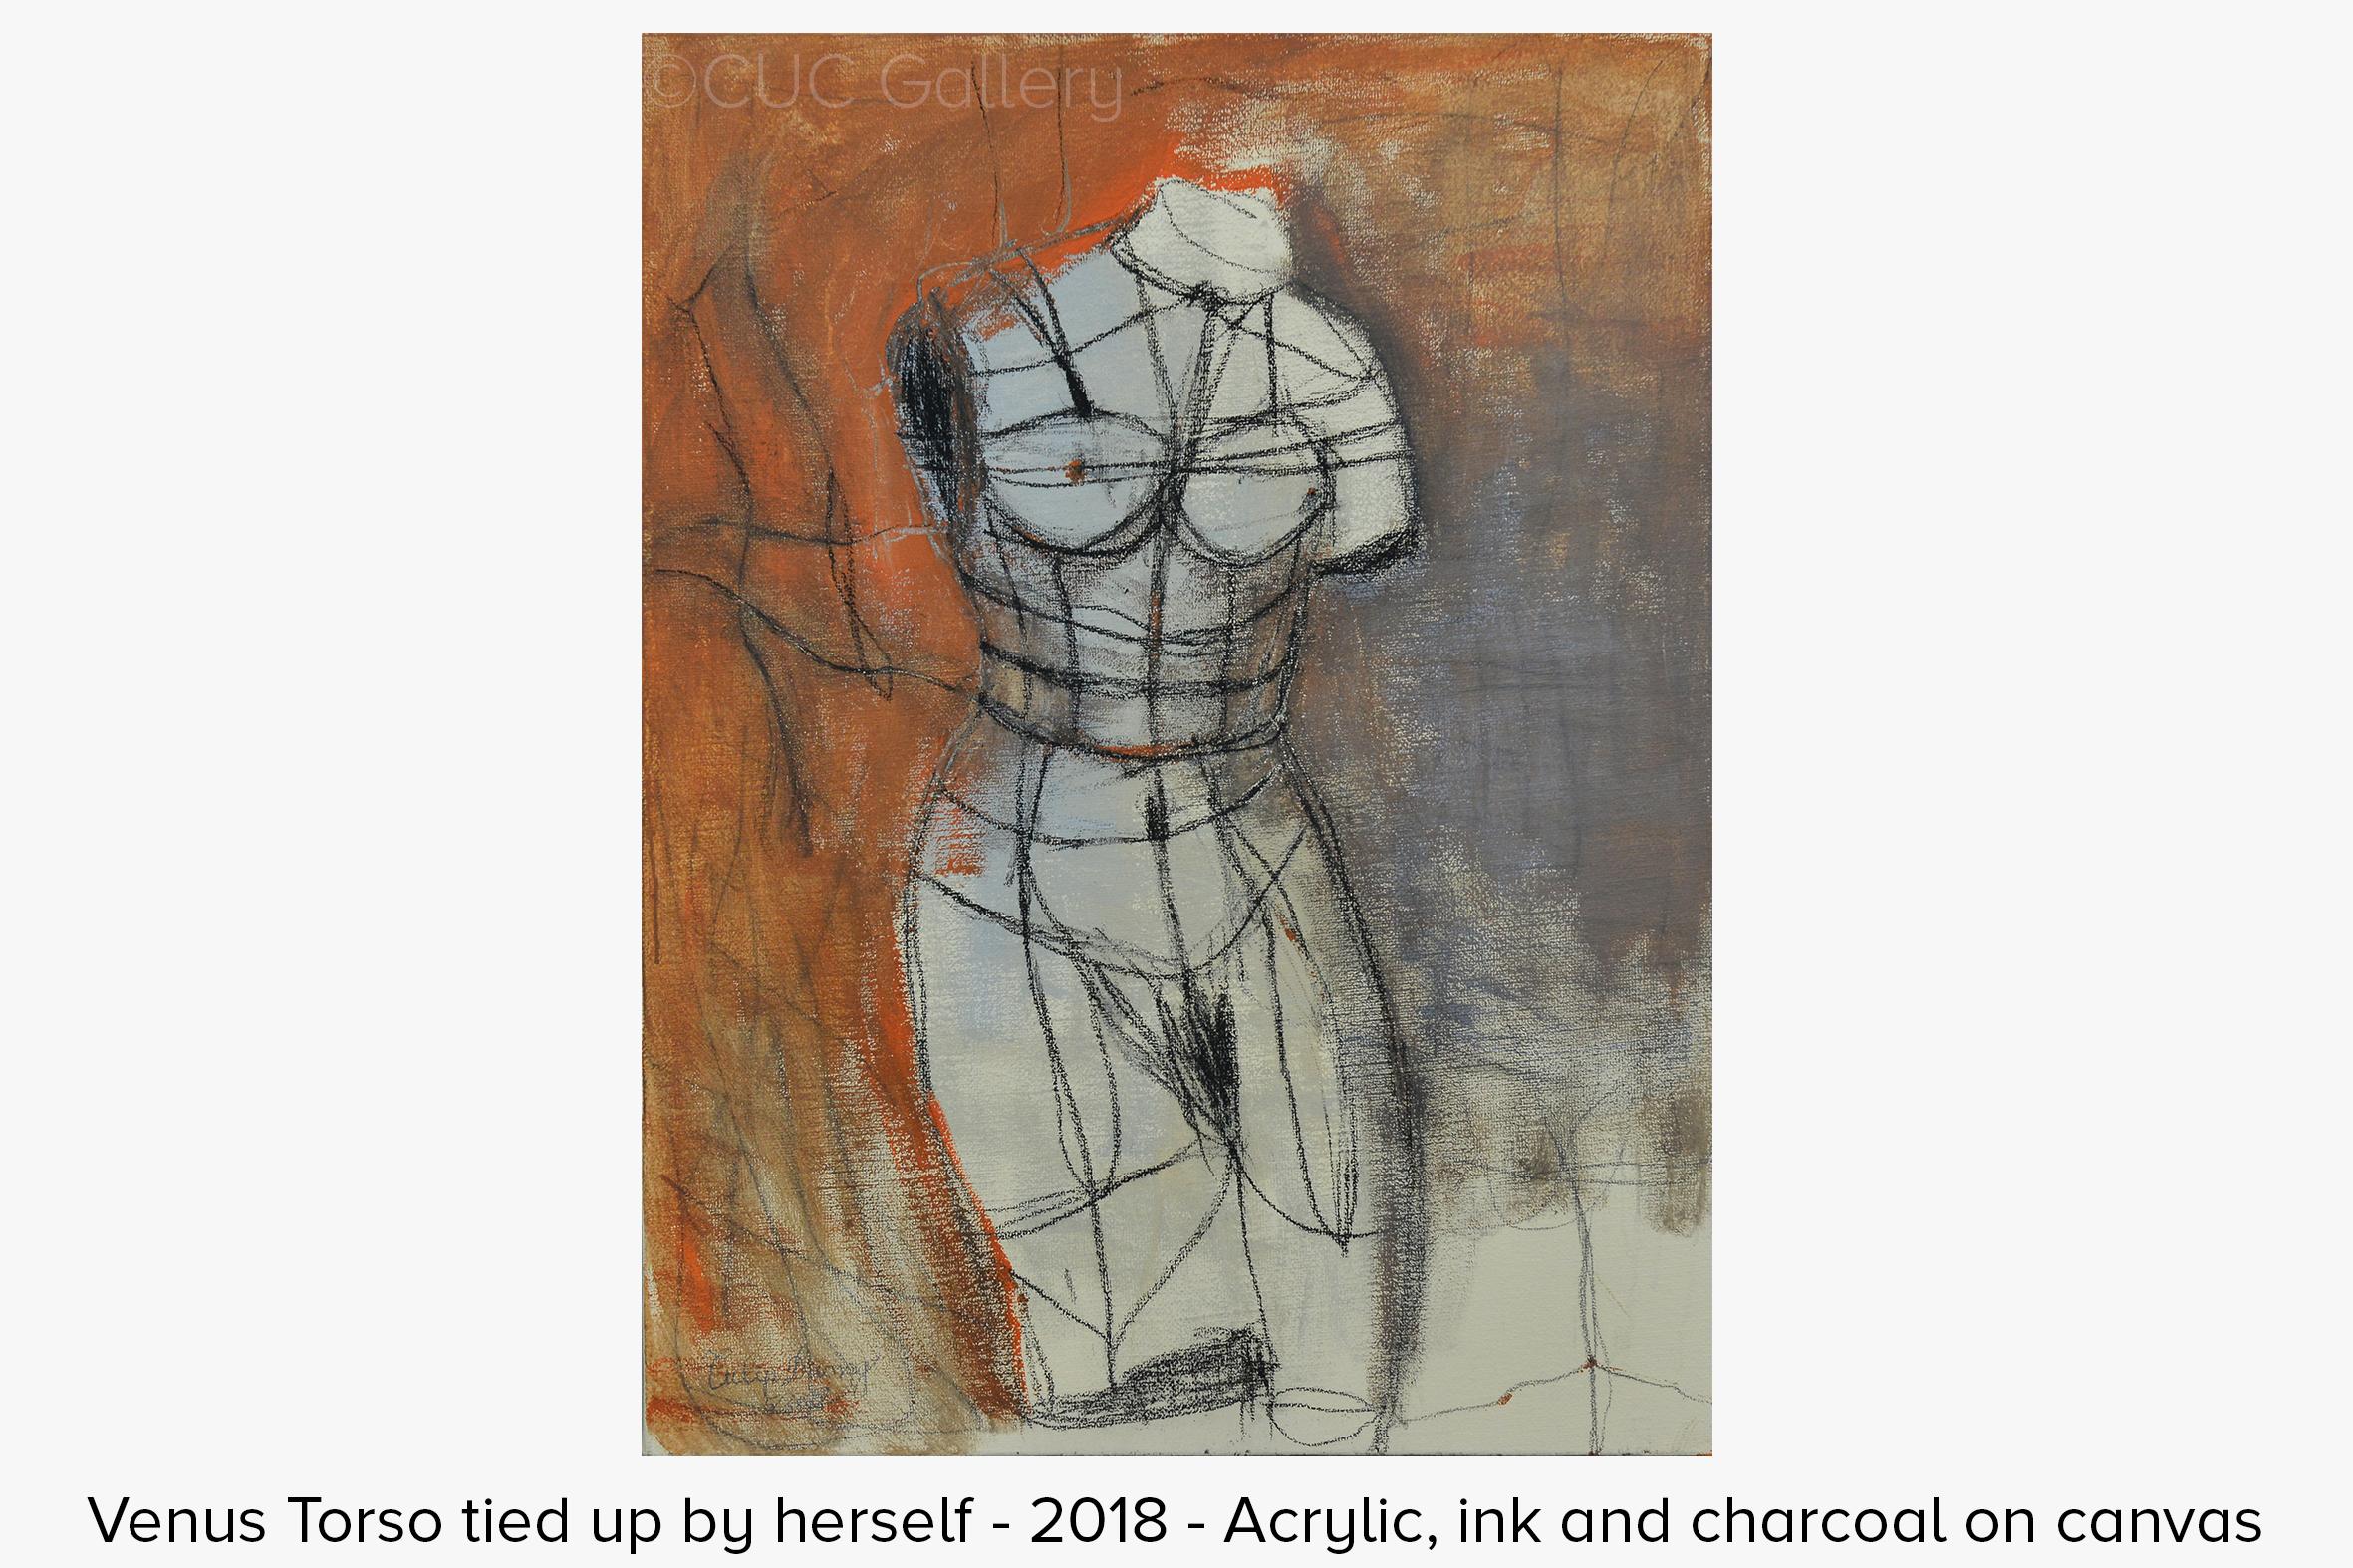 WebCUC- Venus torso tied up by herself.jpg